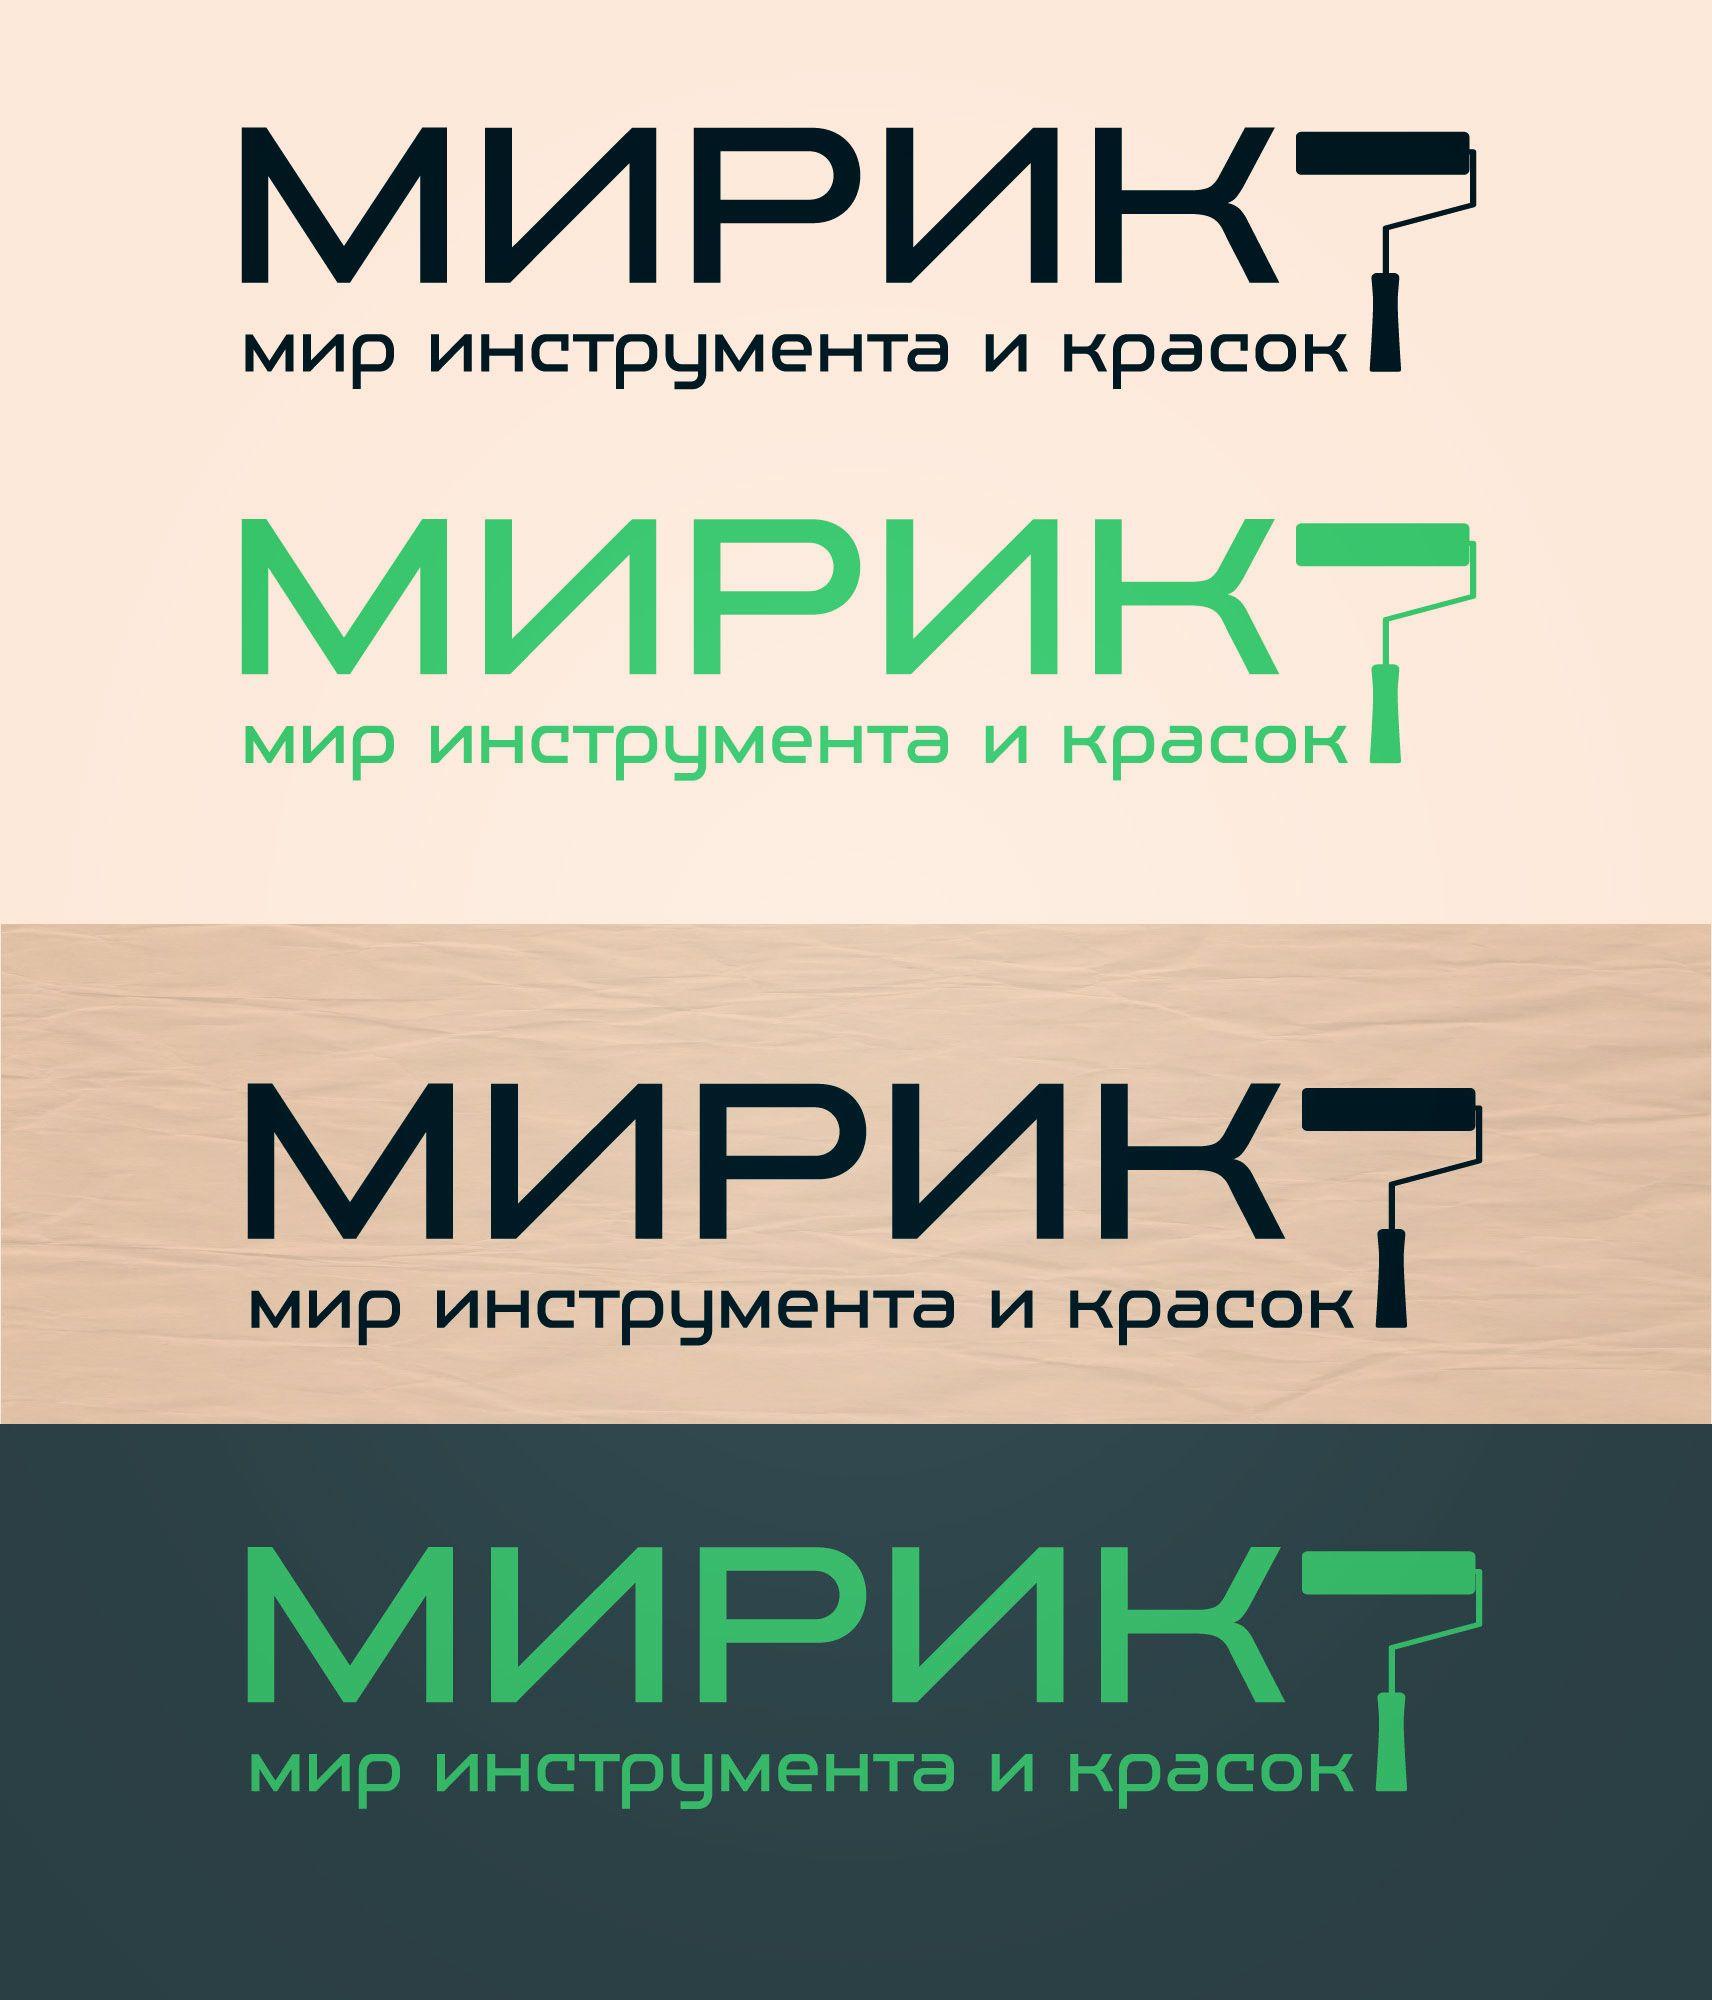 Фирменный стиль Мир Инструмента и Красок - дизайнер Letova